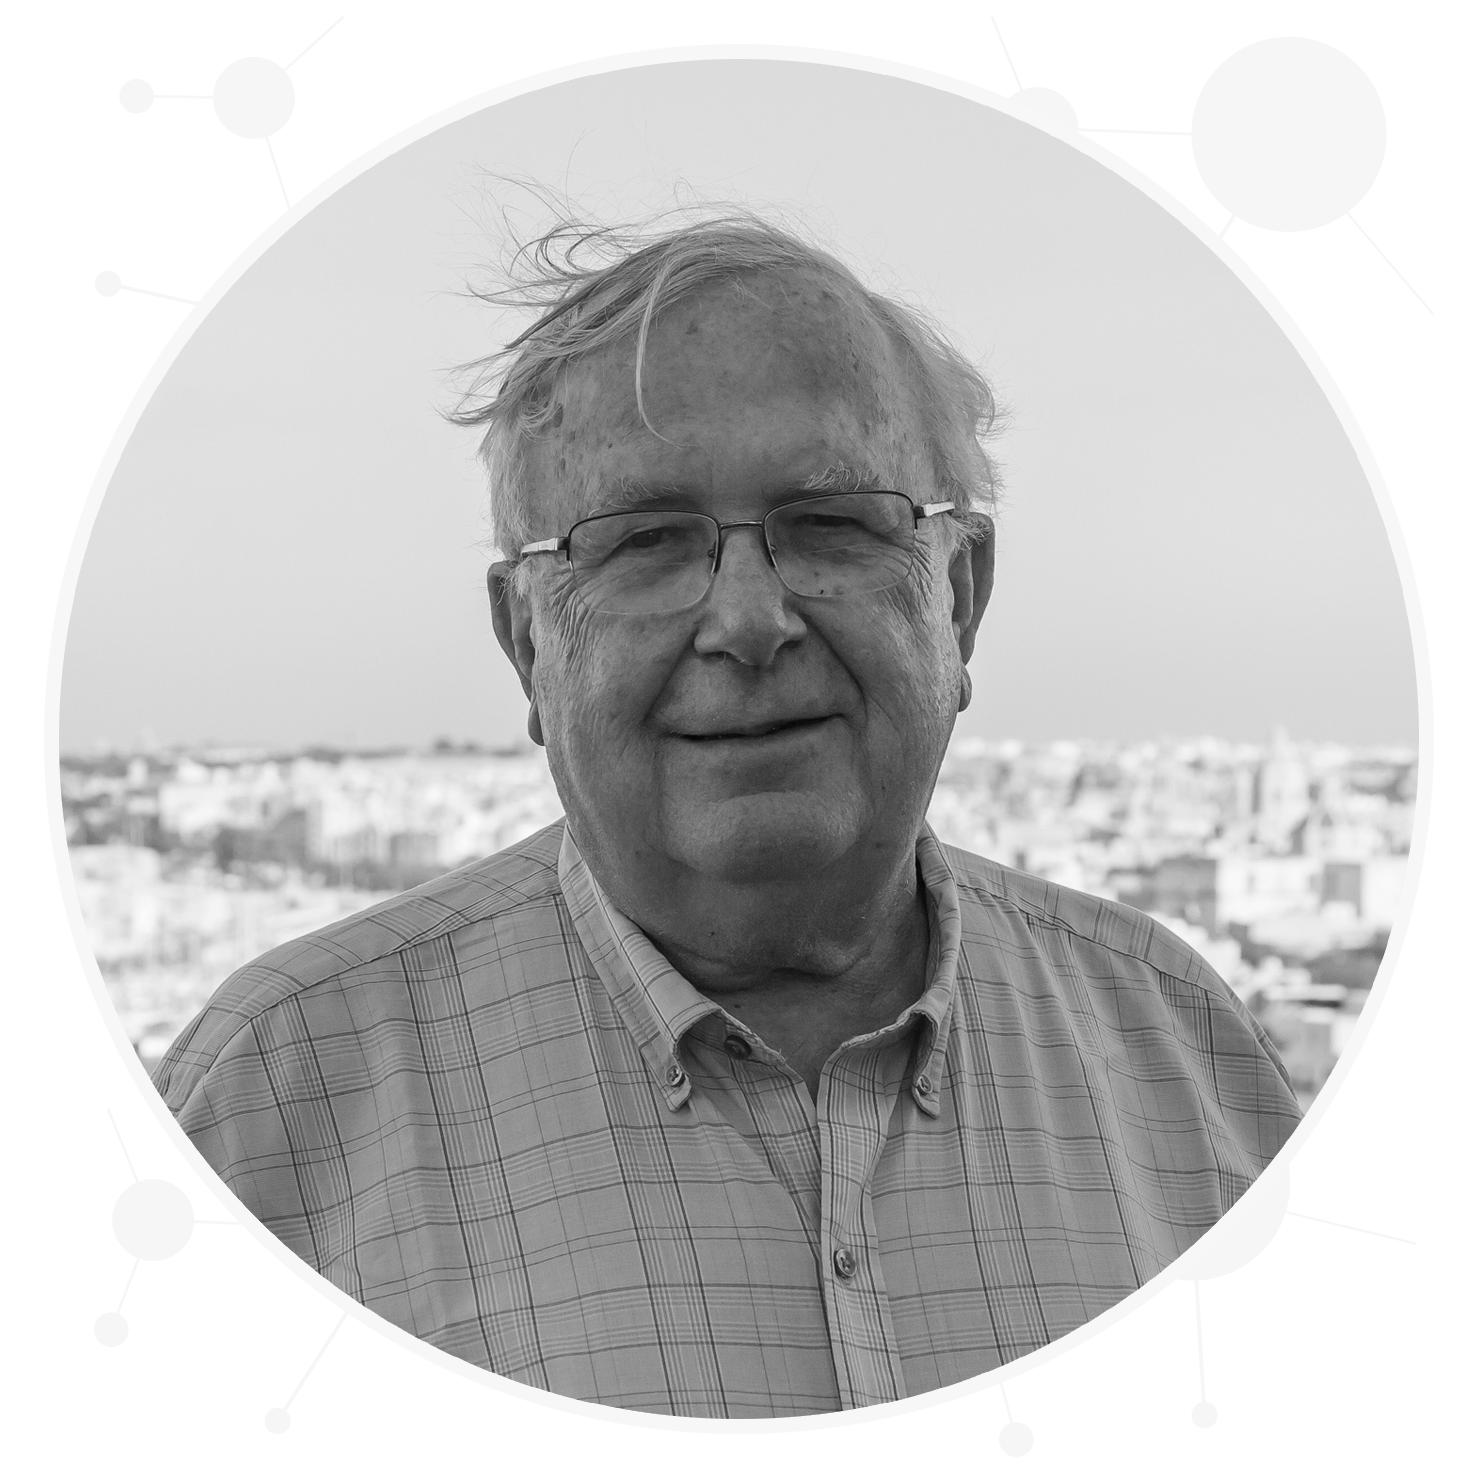 About Dr. Merzenich - Dr. Michael Merzenich